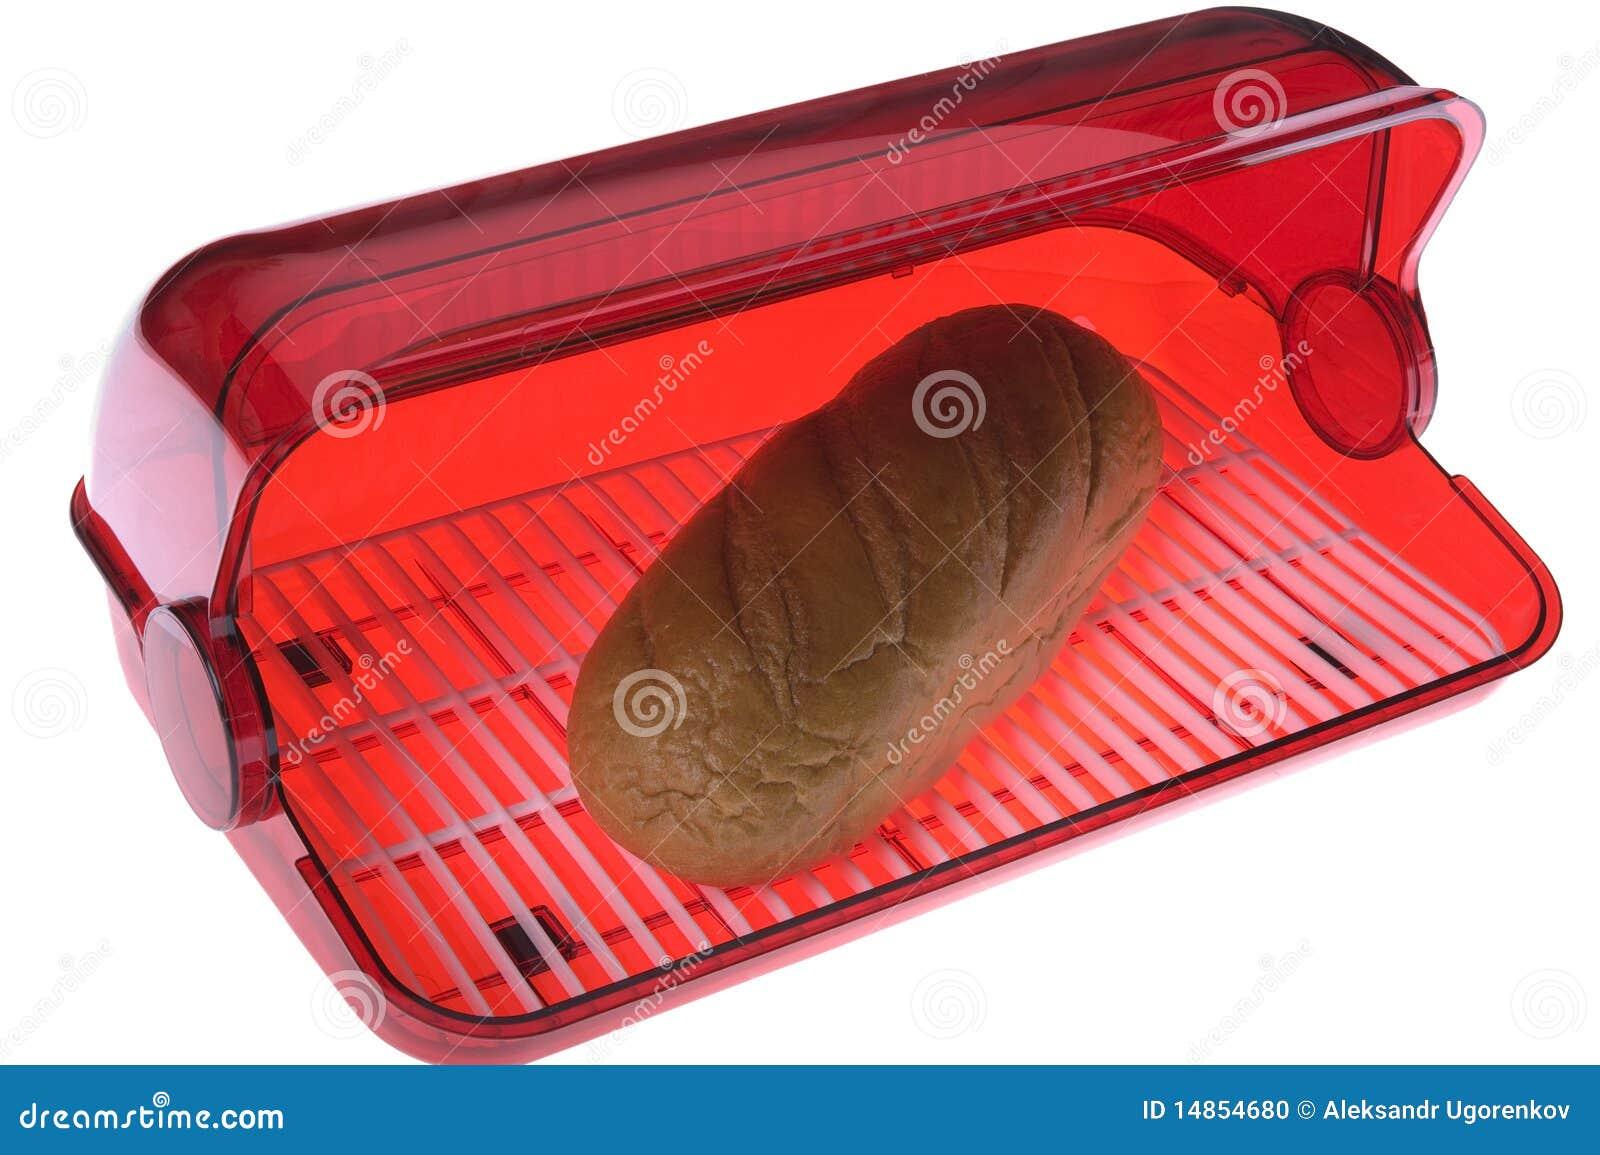 Open bread box on white